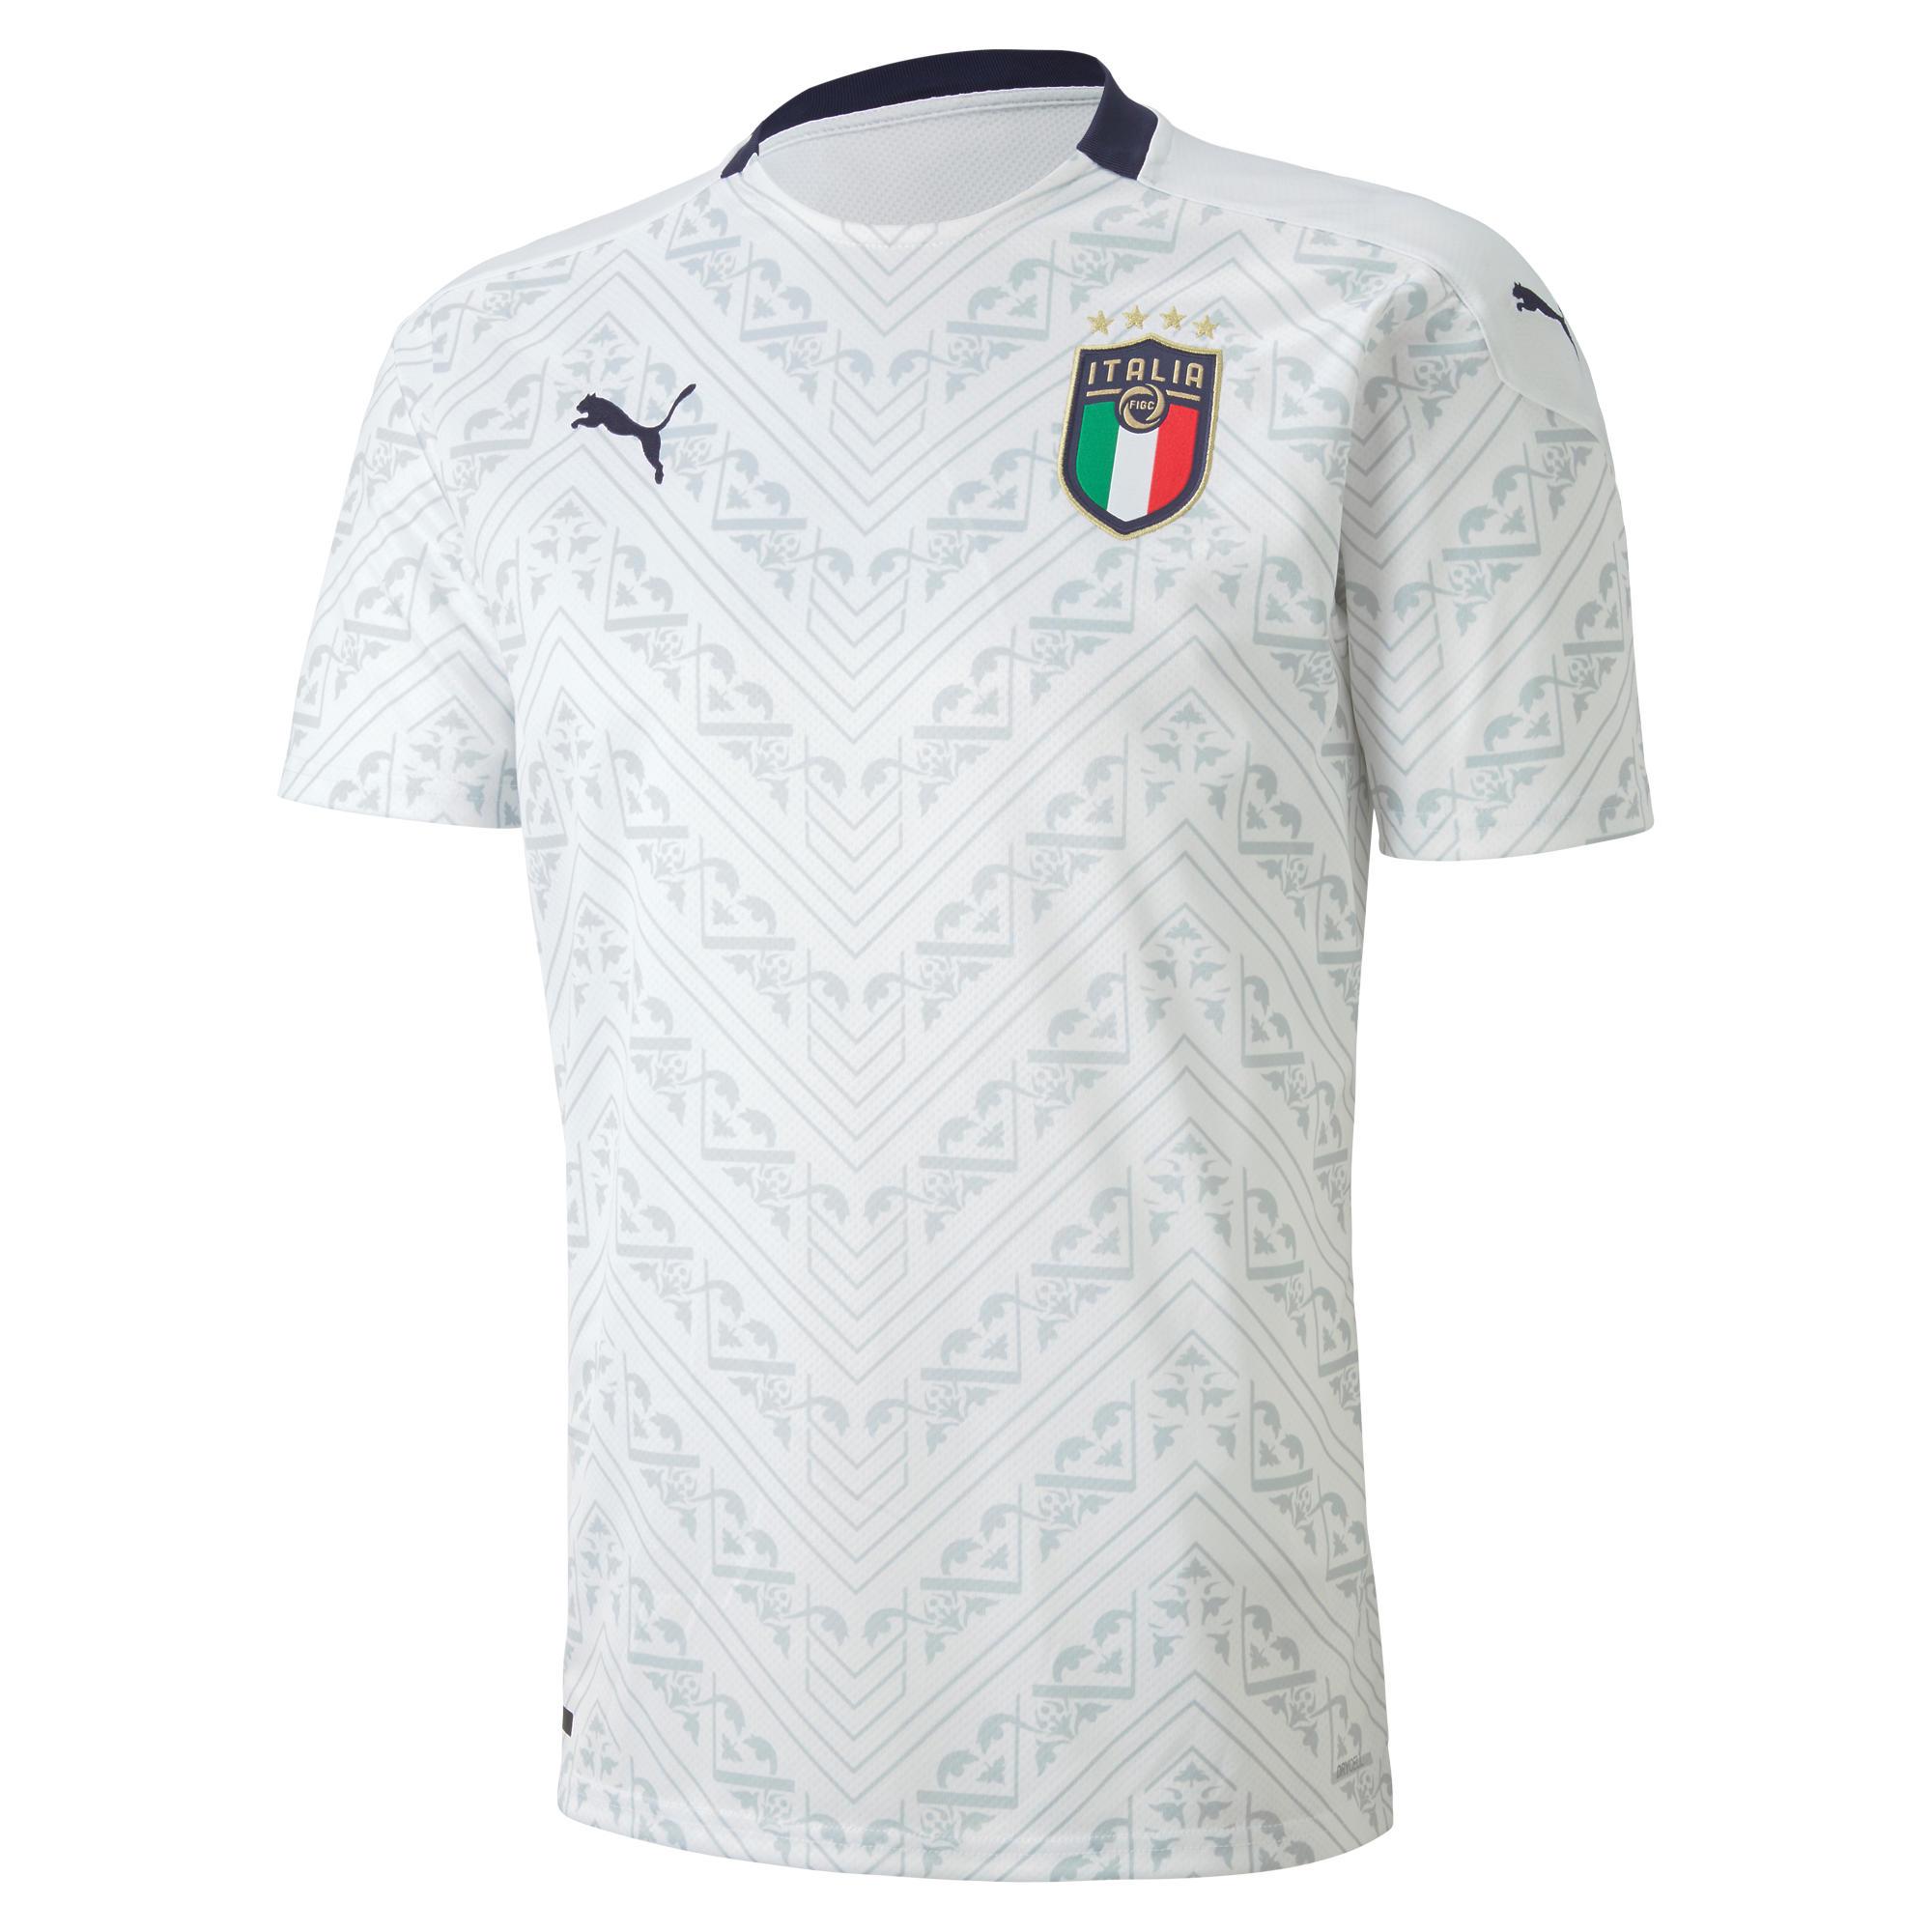 Maglia calcio replica ITALIA ospiti